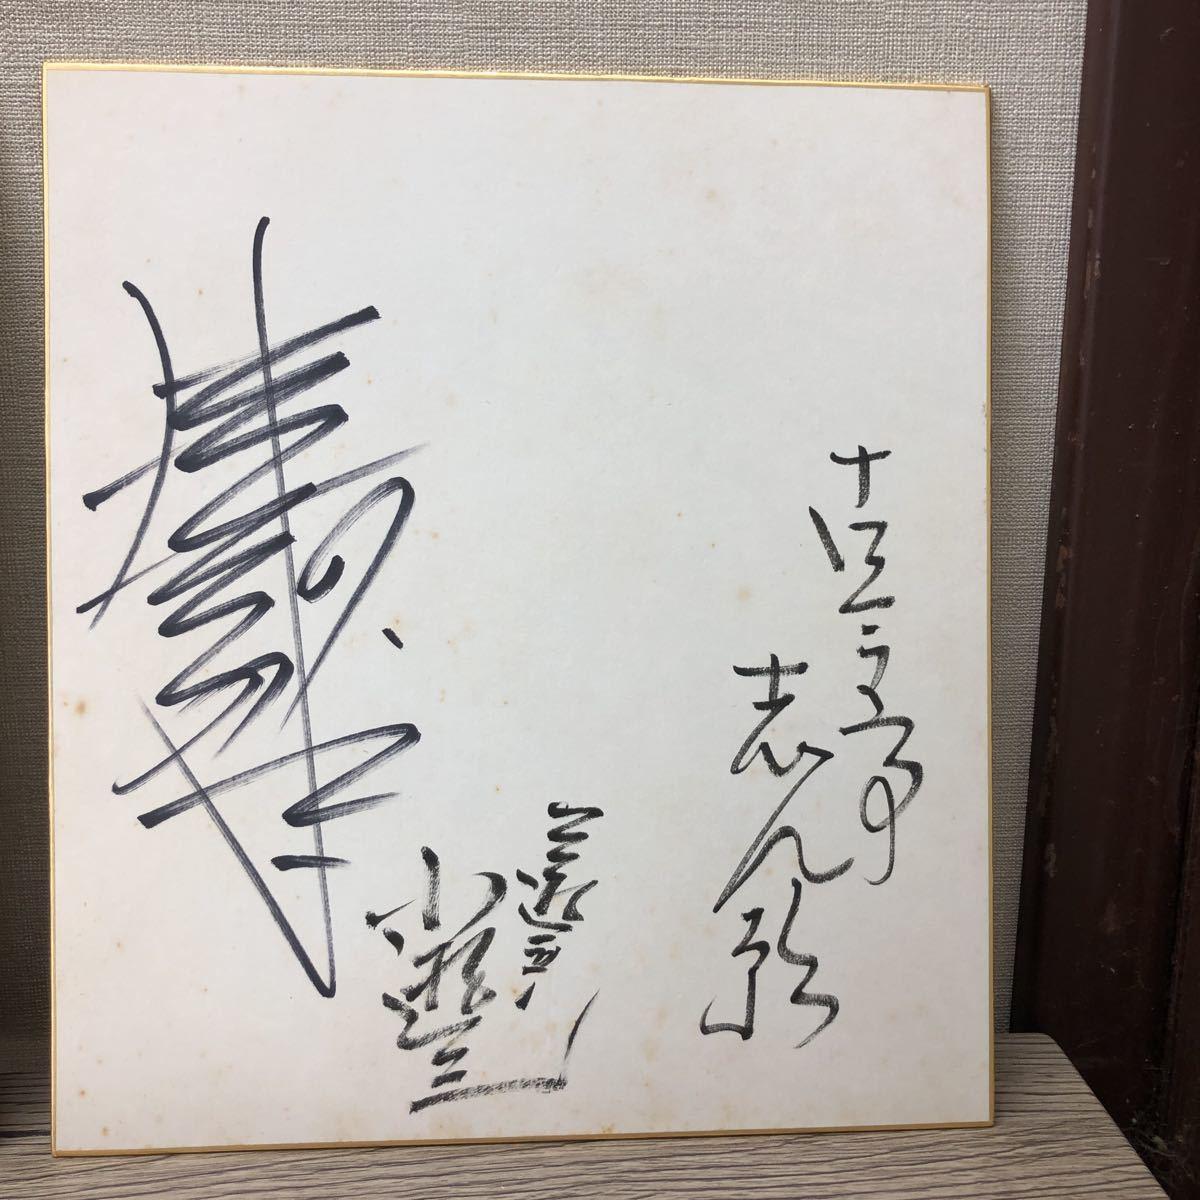 直筆サイン/薬師丸ひろ子/詳細不明/5枚【保管品】_画像4